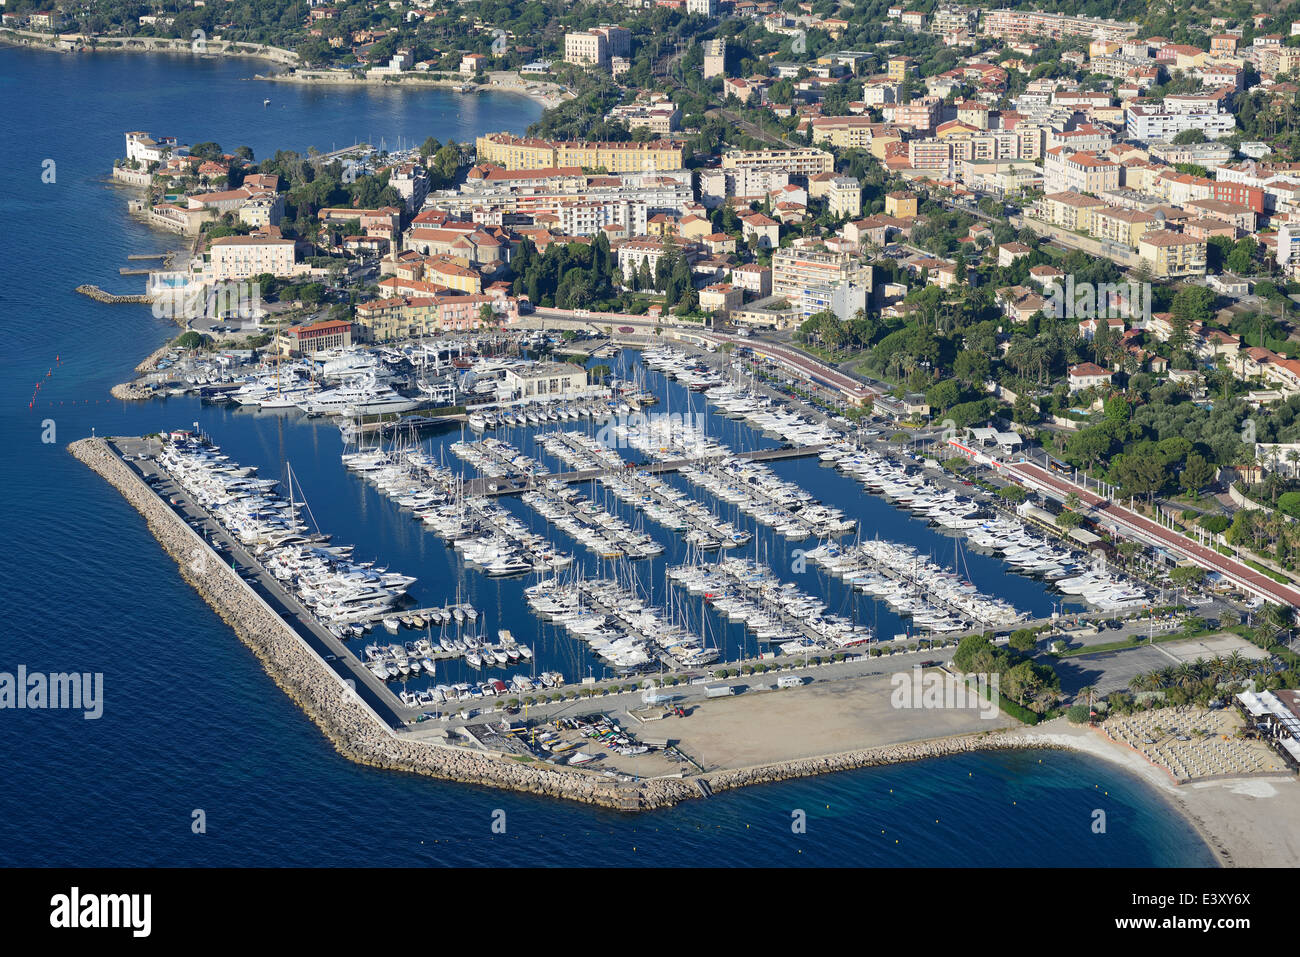 Port de plaisance de Beaulieu-SUR-MER. D'Azur, Alpes-Maritimes, France. Photo Stock